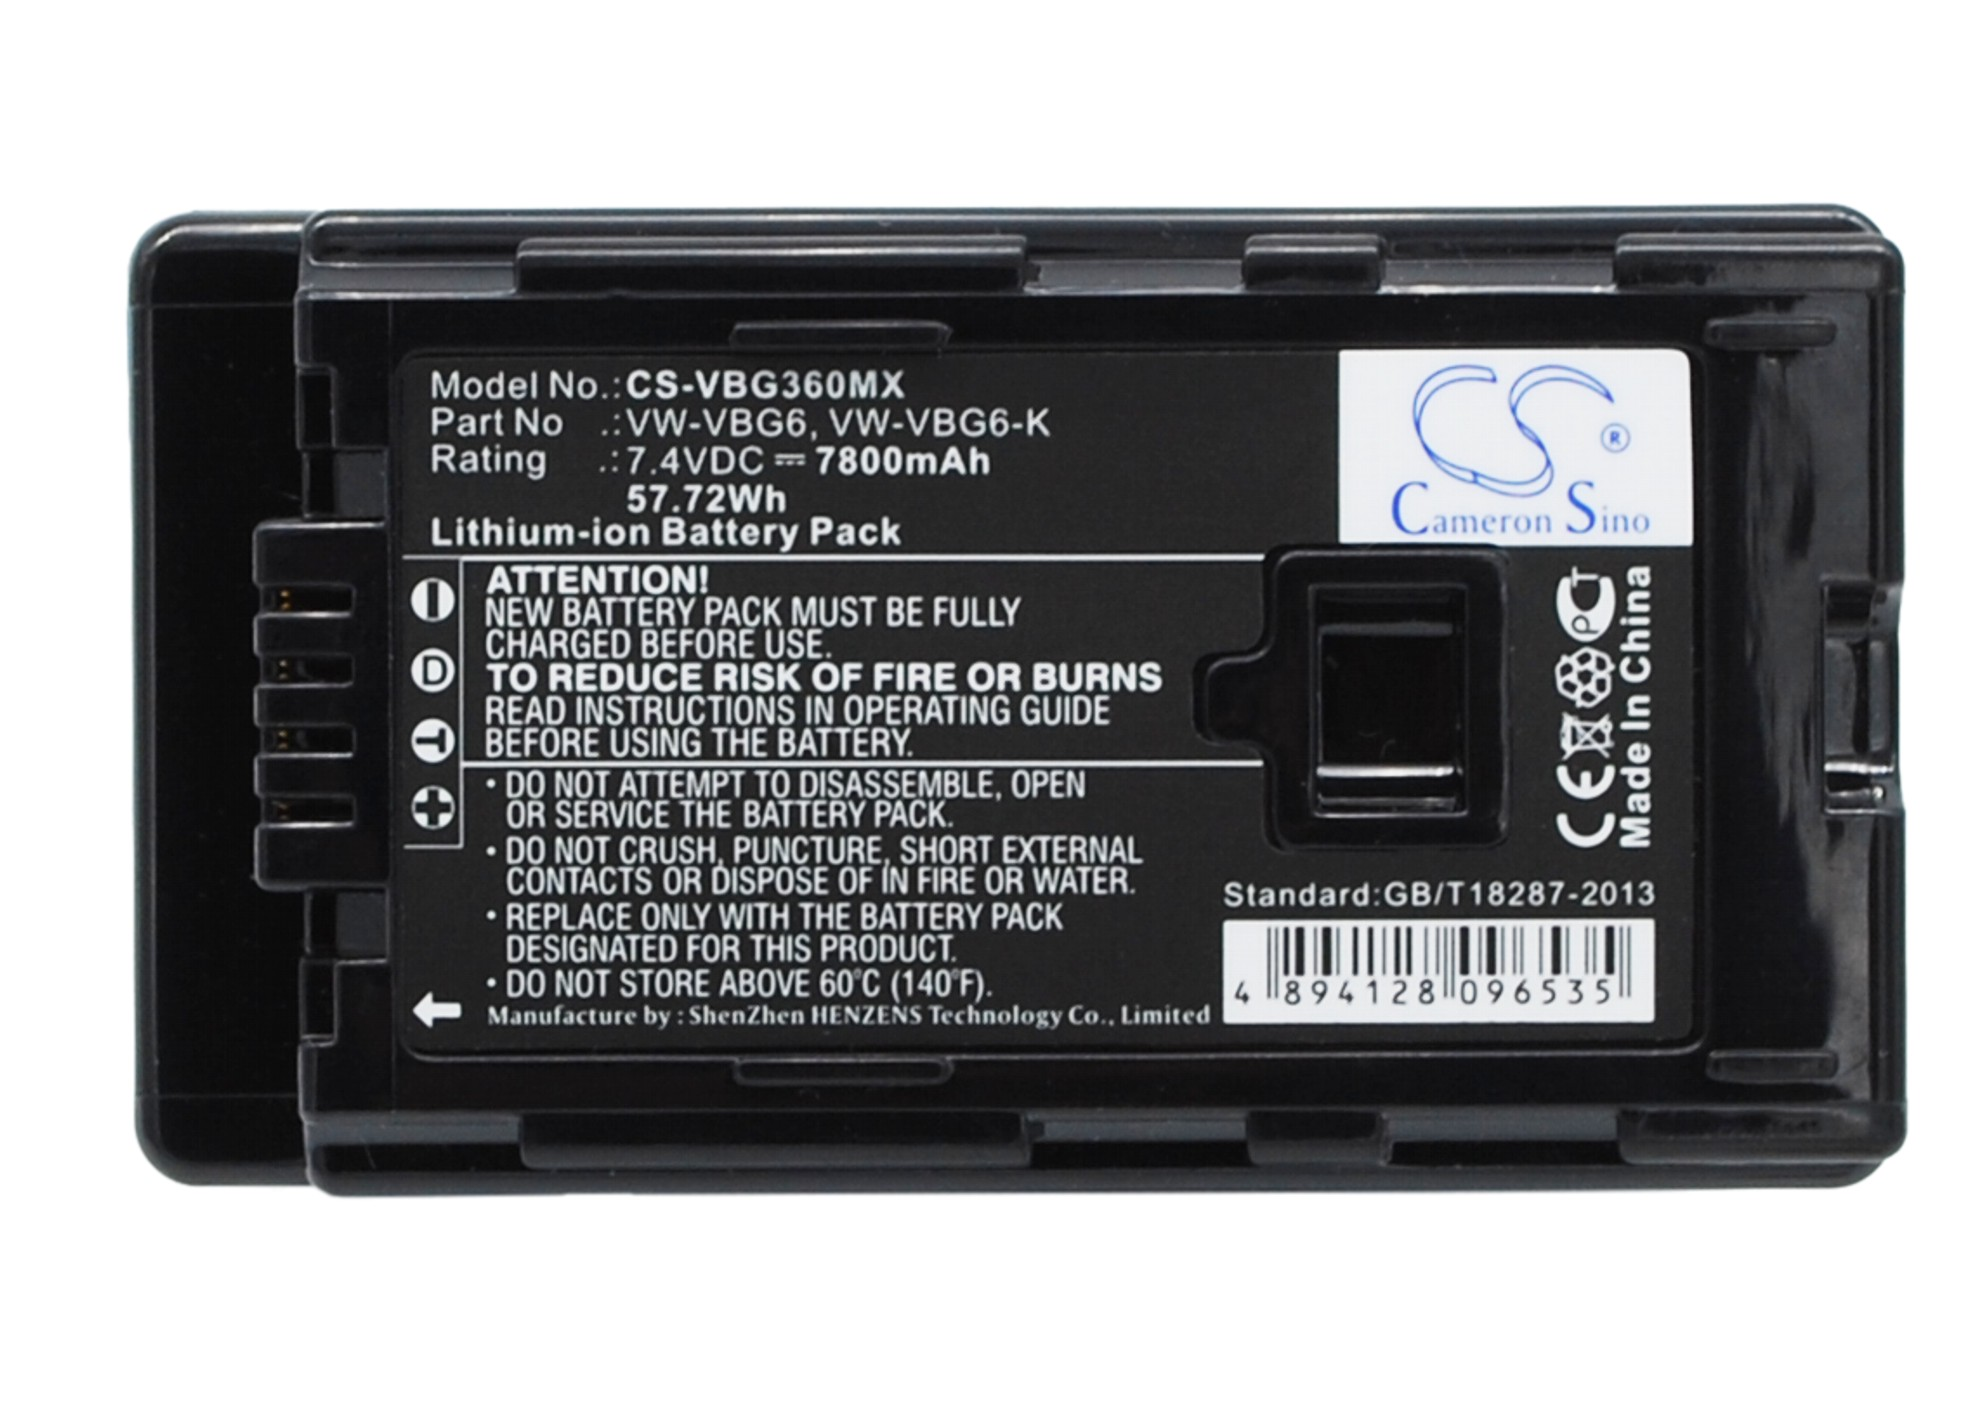 Cameron Sino baterie do kamer a fotoaparátů pro PANASONIC SDR-H80 7.4V Li-ion 7800mAh černá - neoriginální